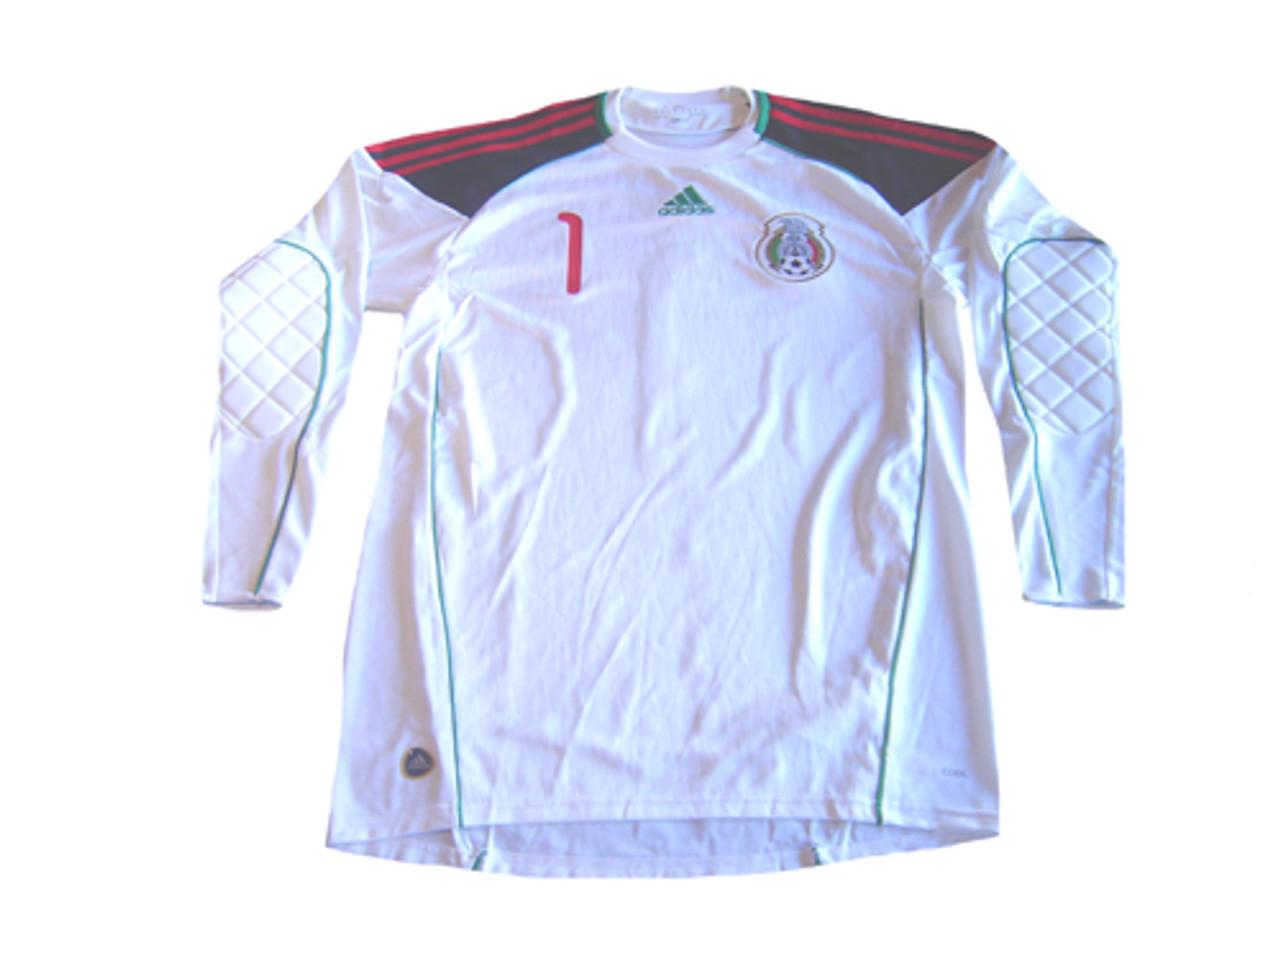 aa874bc01 ADIDAS MEXICO 2010`OCHOA` G/K JERSEY WHITE - Soccer Plus